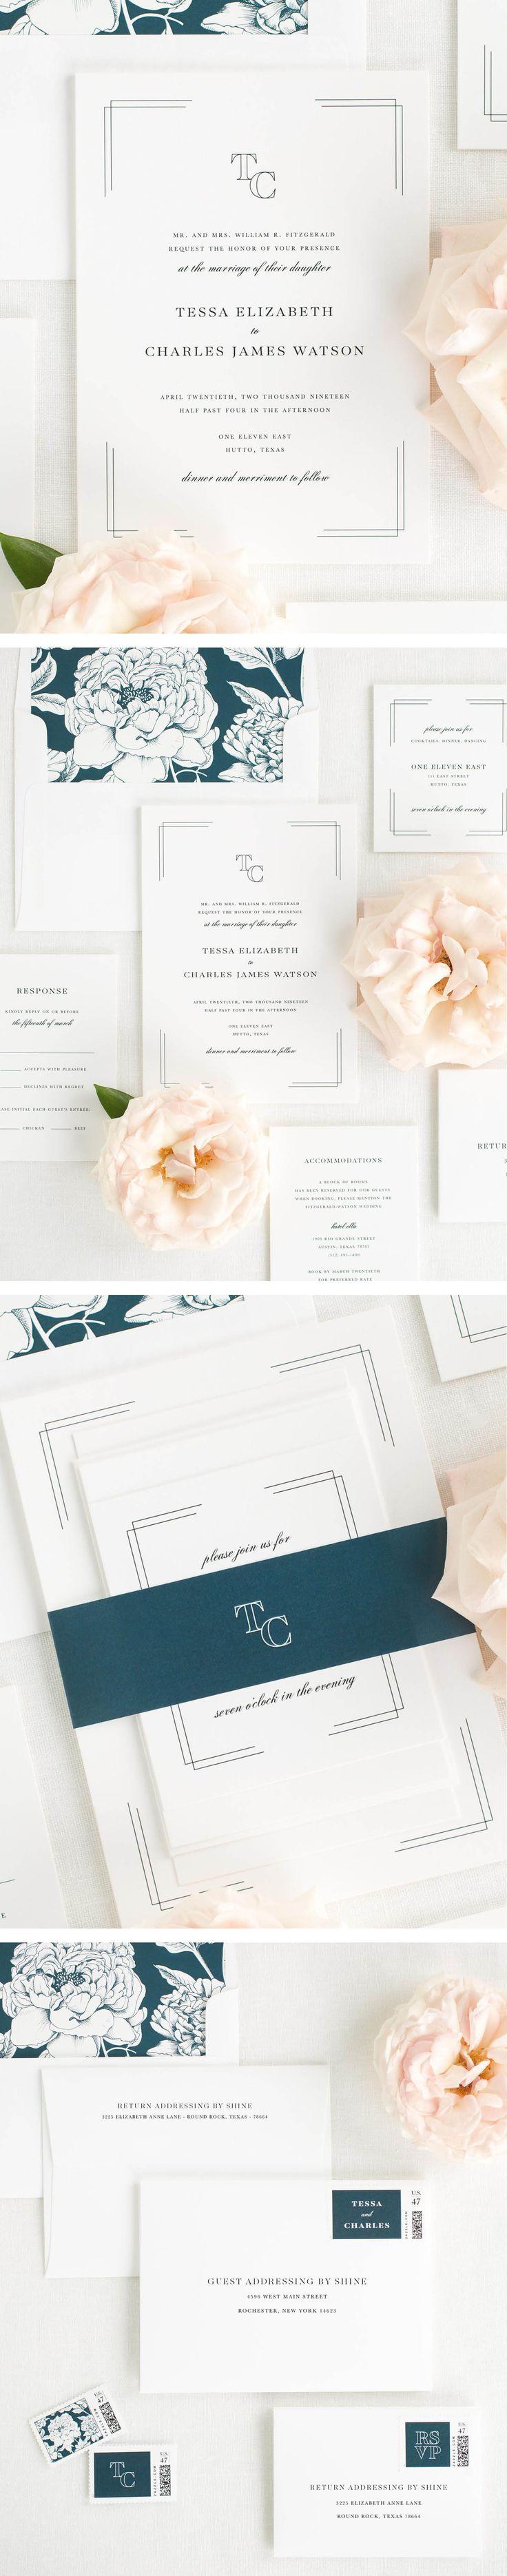 deer hunter wedding invitations%0A Tessa Wedding Invitations